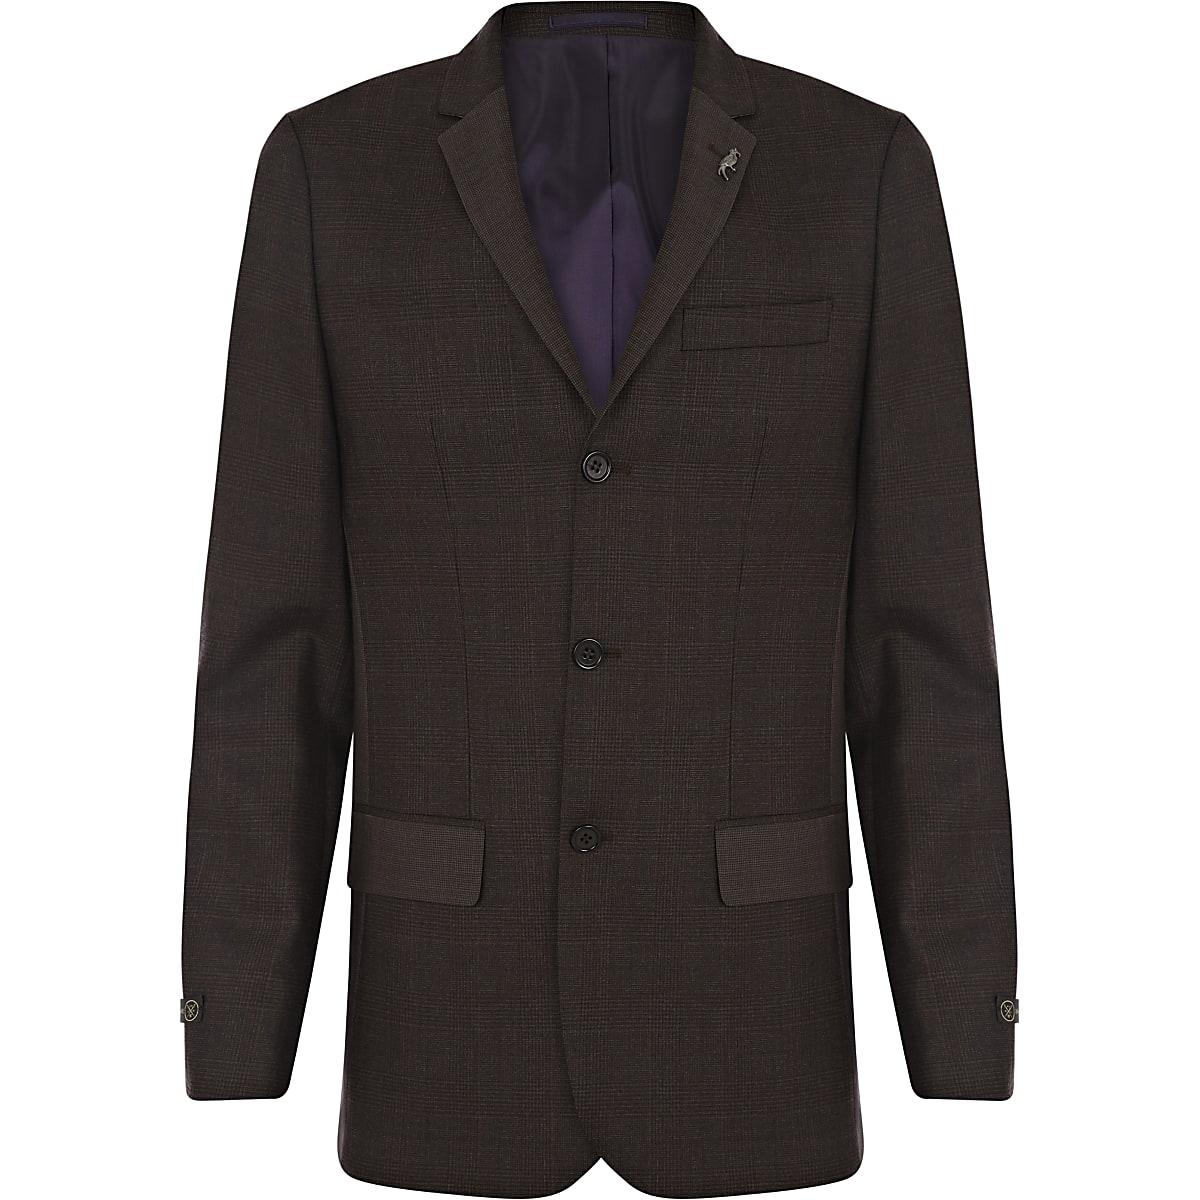 Dark brown check skinny suit jacket